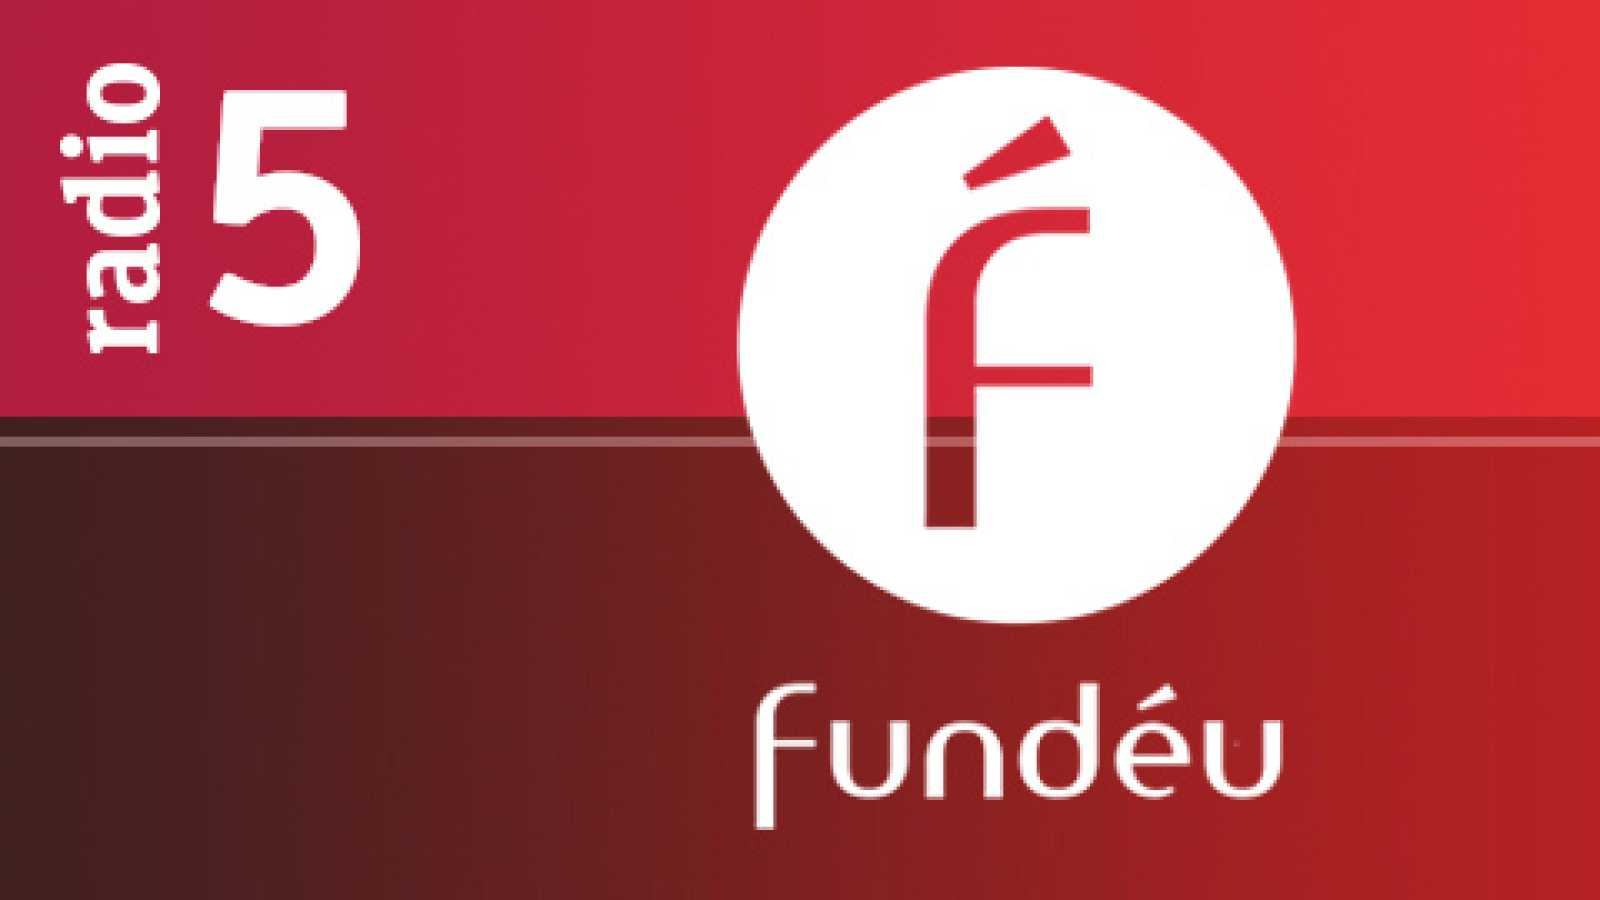 El español urgente con FundéuRAE - Empresas unicornio - 19/10/20  - Escuchar ahora